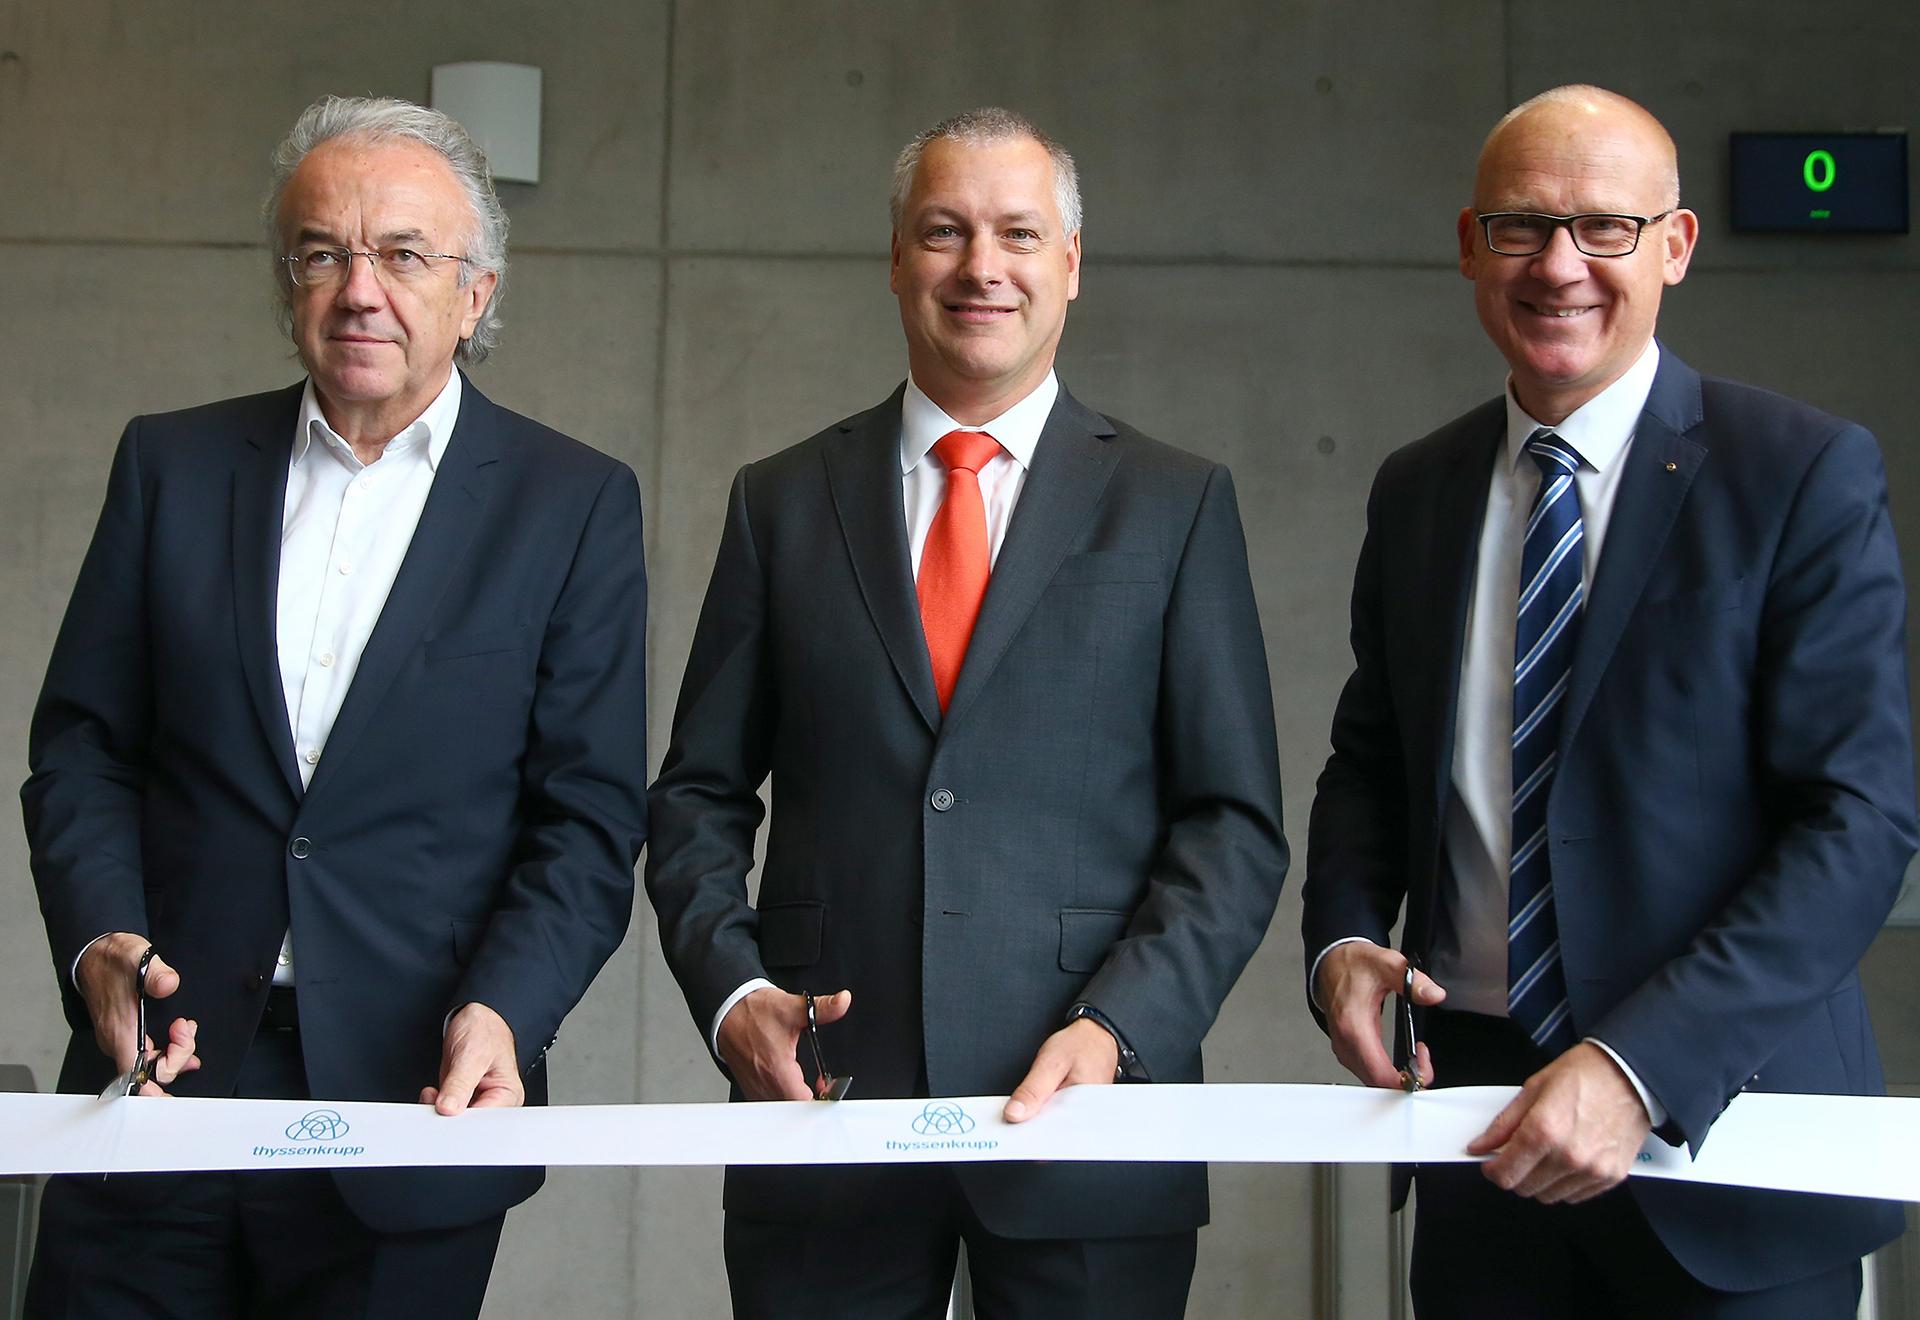 De izquierda a derecha: el arquitecto Werner Sobek, Andreas Schierenbeck y el alcalde de Rottweil, Ralf Bross, posan antes de la inauguración de la torre de pruebas de Thyssenkrupp en Rottweil, Alemania, el 6 de octubre de 2017.